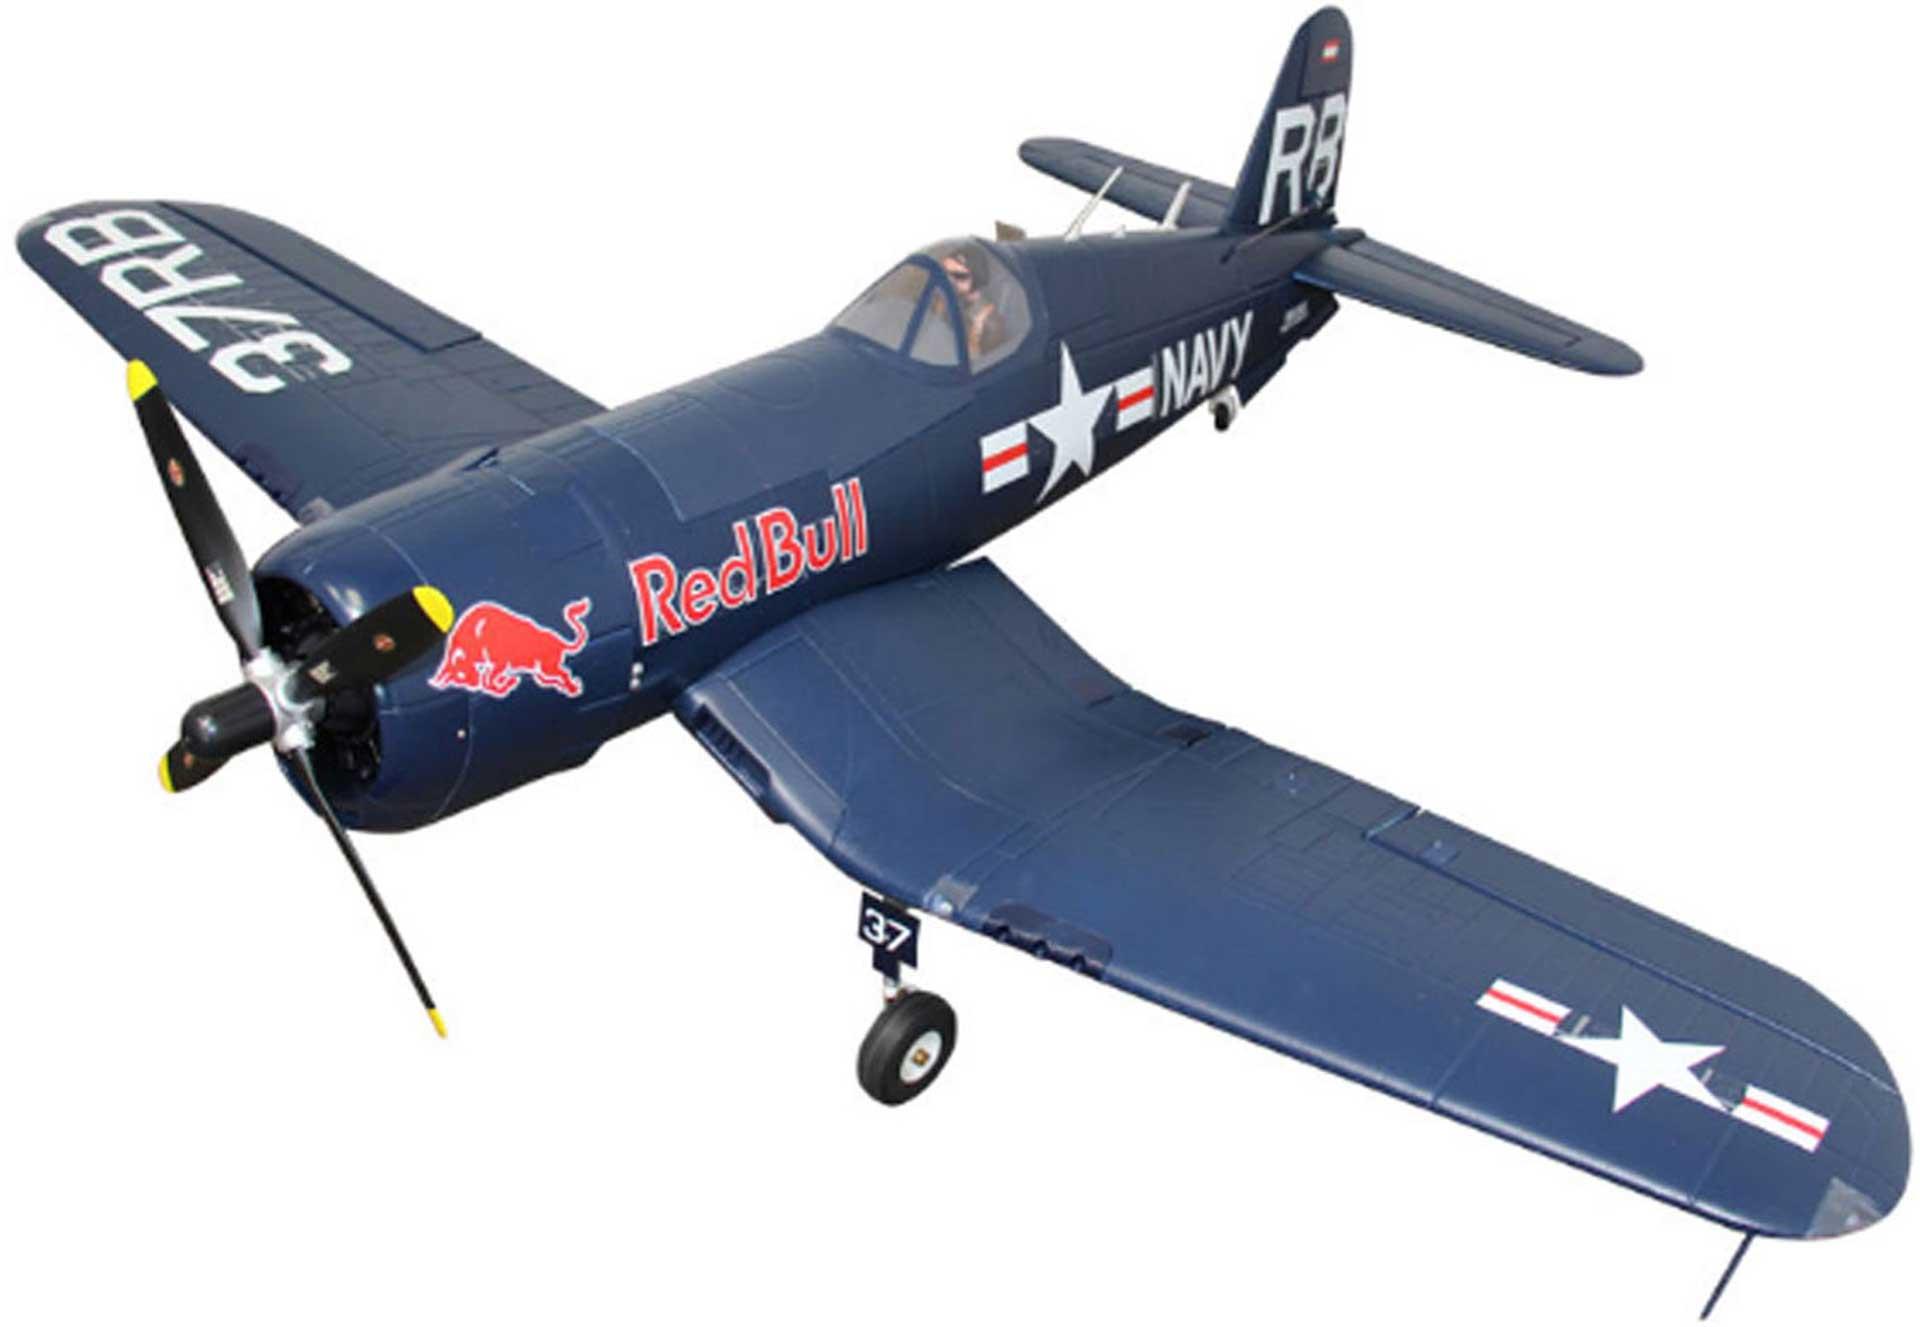 STAUFENBIEL Red Bull F4U-4 Corsair PNP